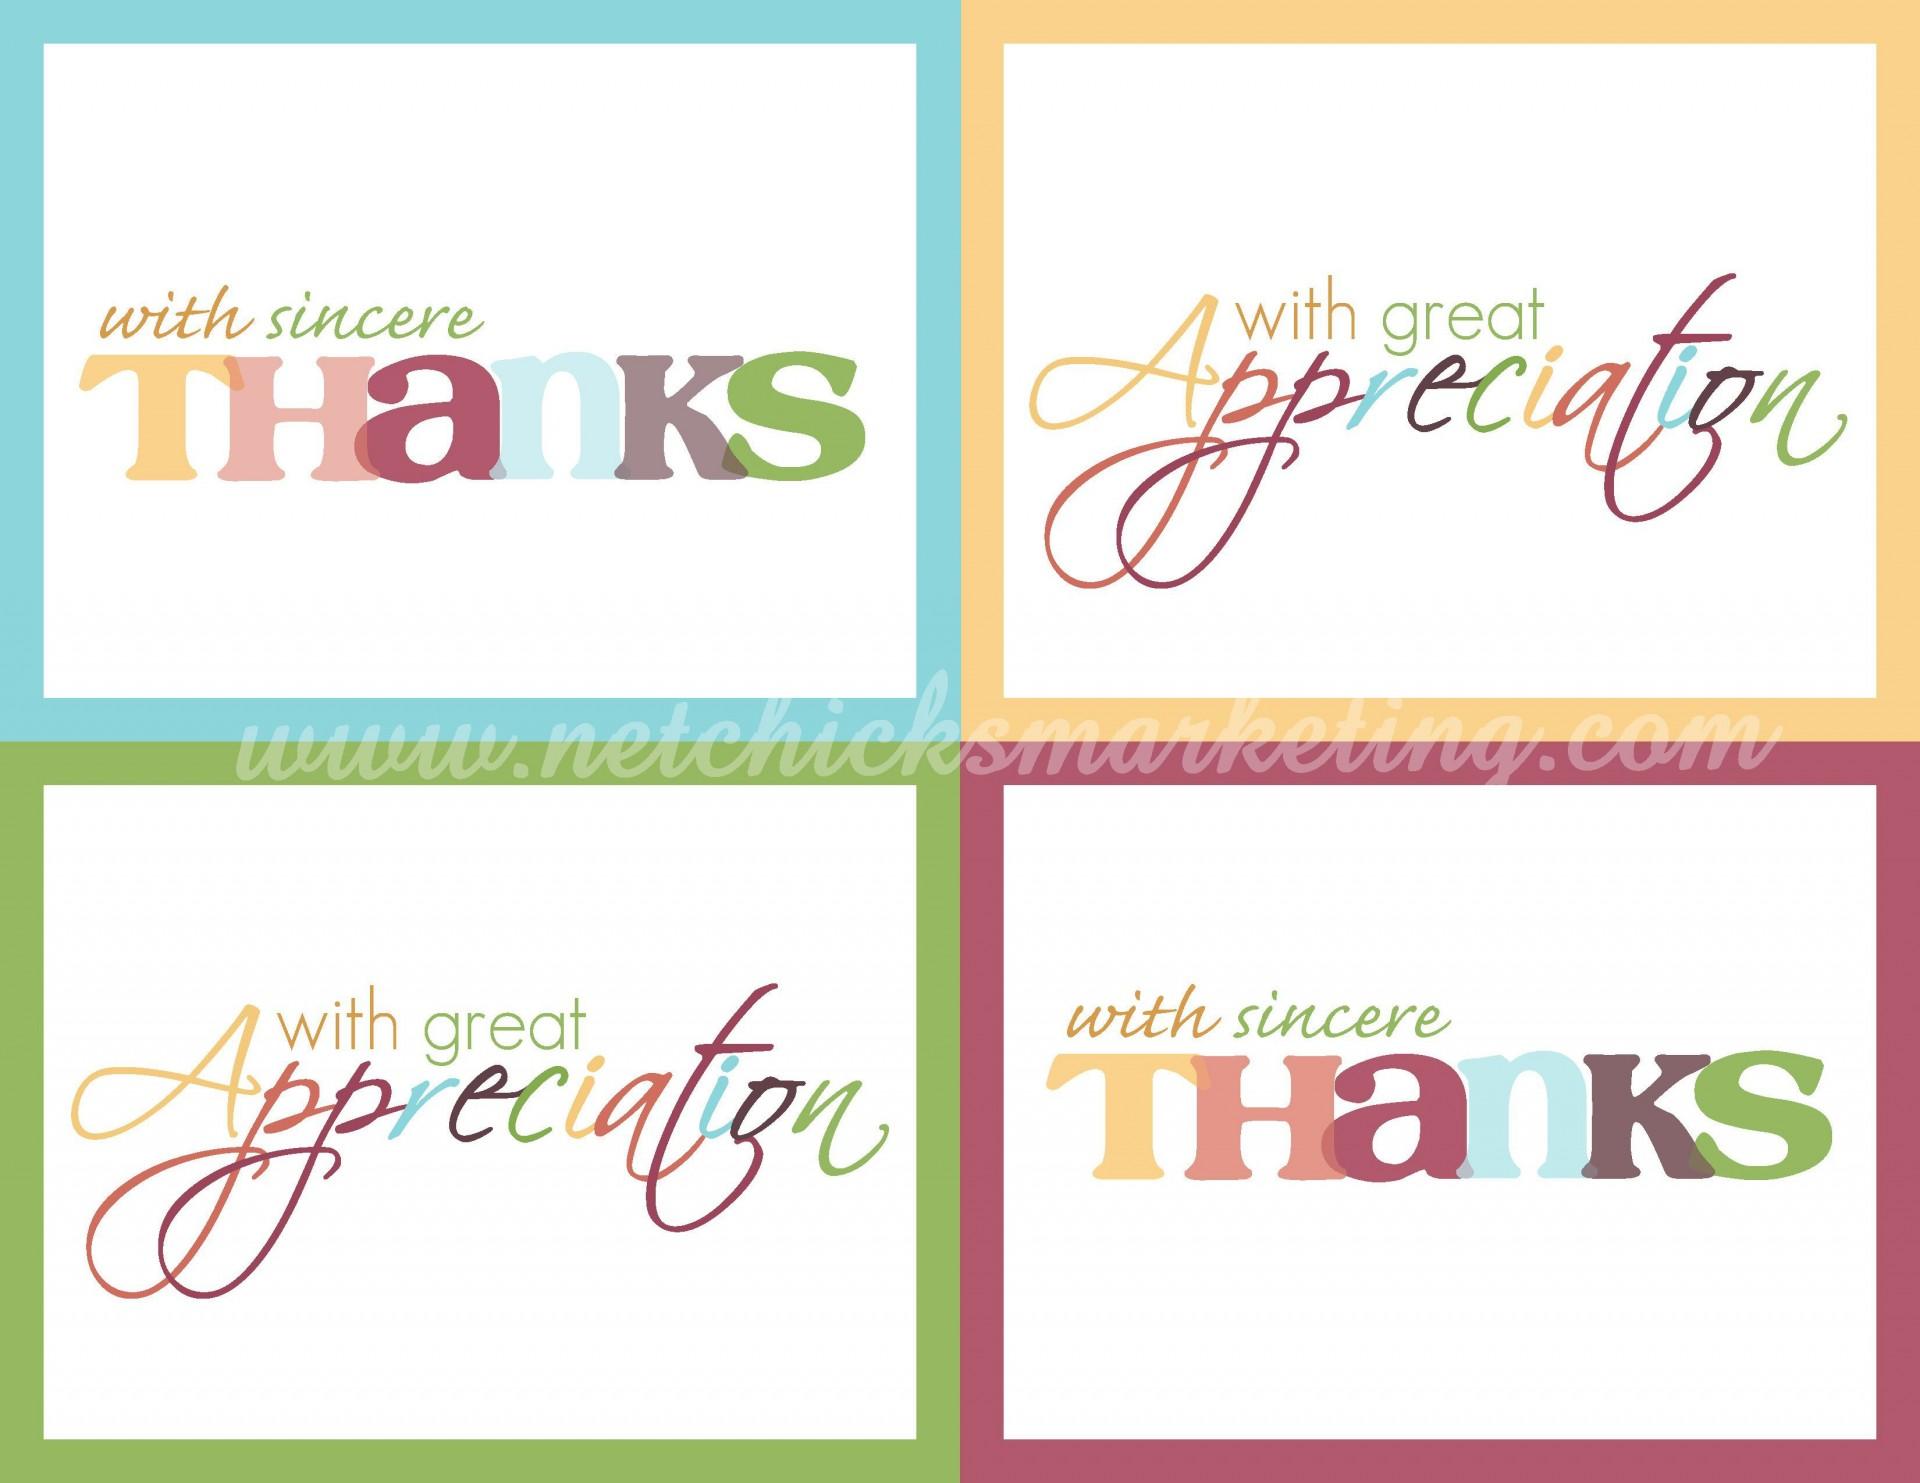 003 Wondrou Free Printable Photo Card Template Image  Templates Birthday Thank You1920